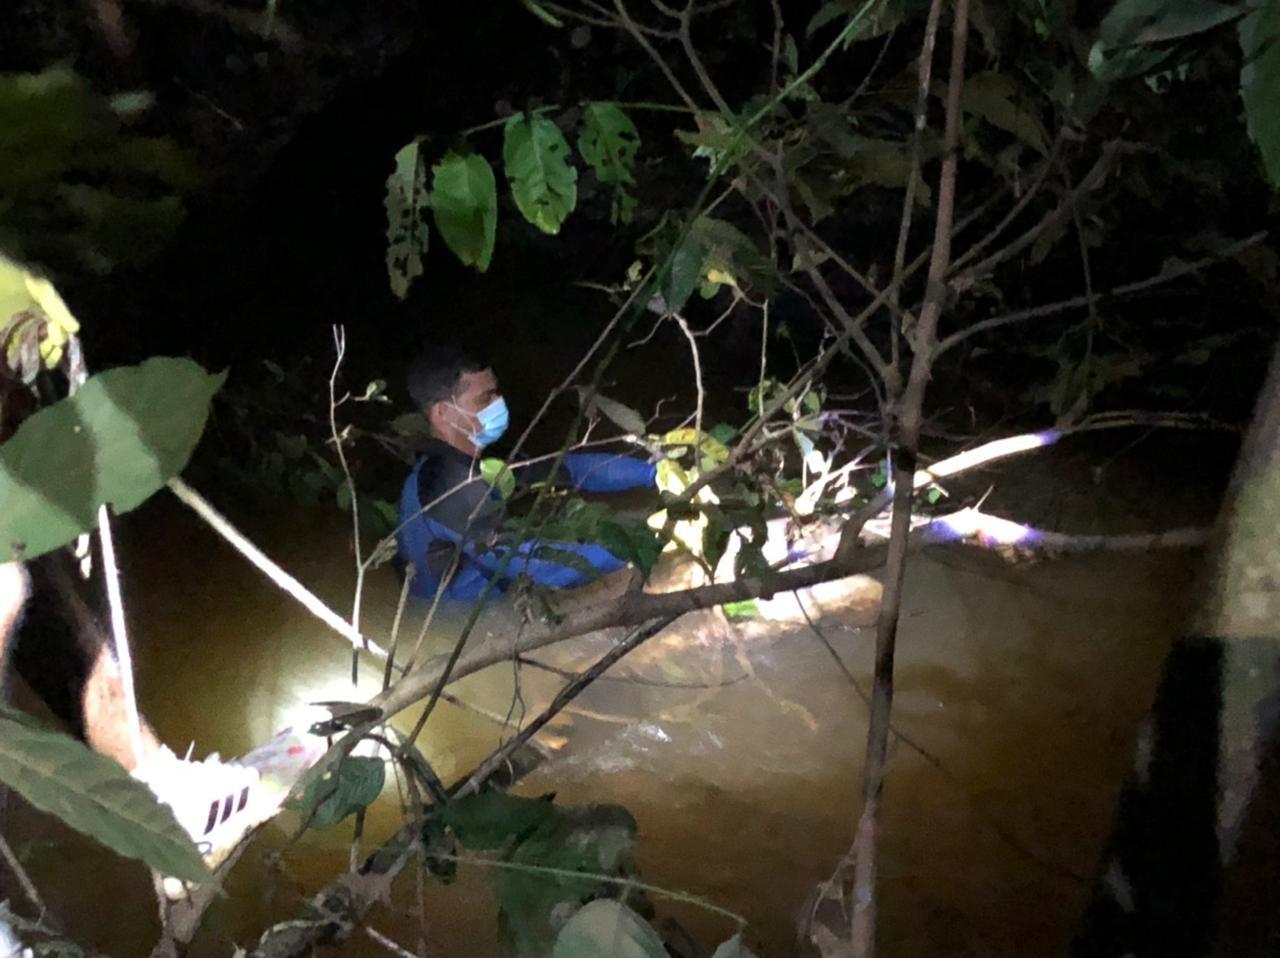 Corpo é achado em igarapé na Cidade do Povo em avançado estado de decomposição em Rio Branco